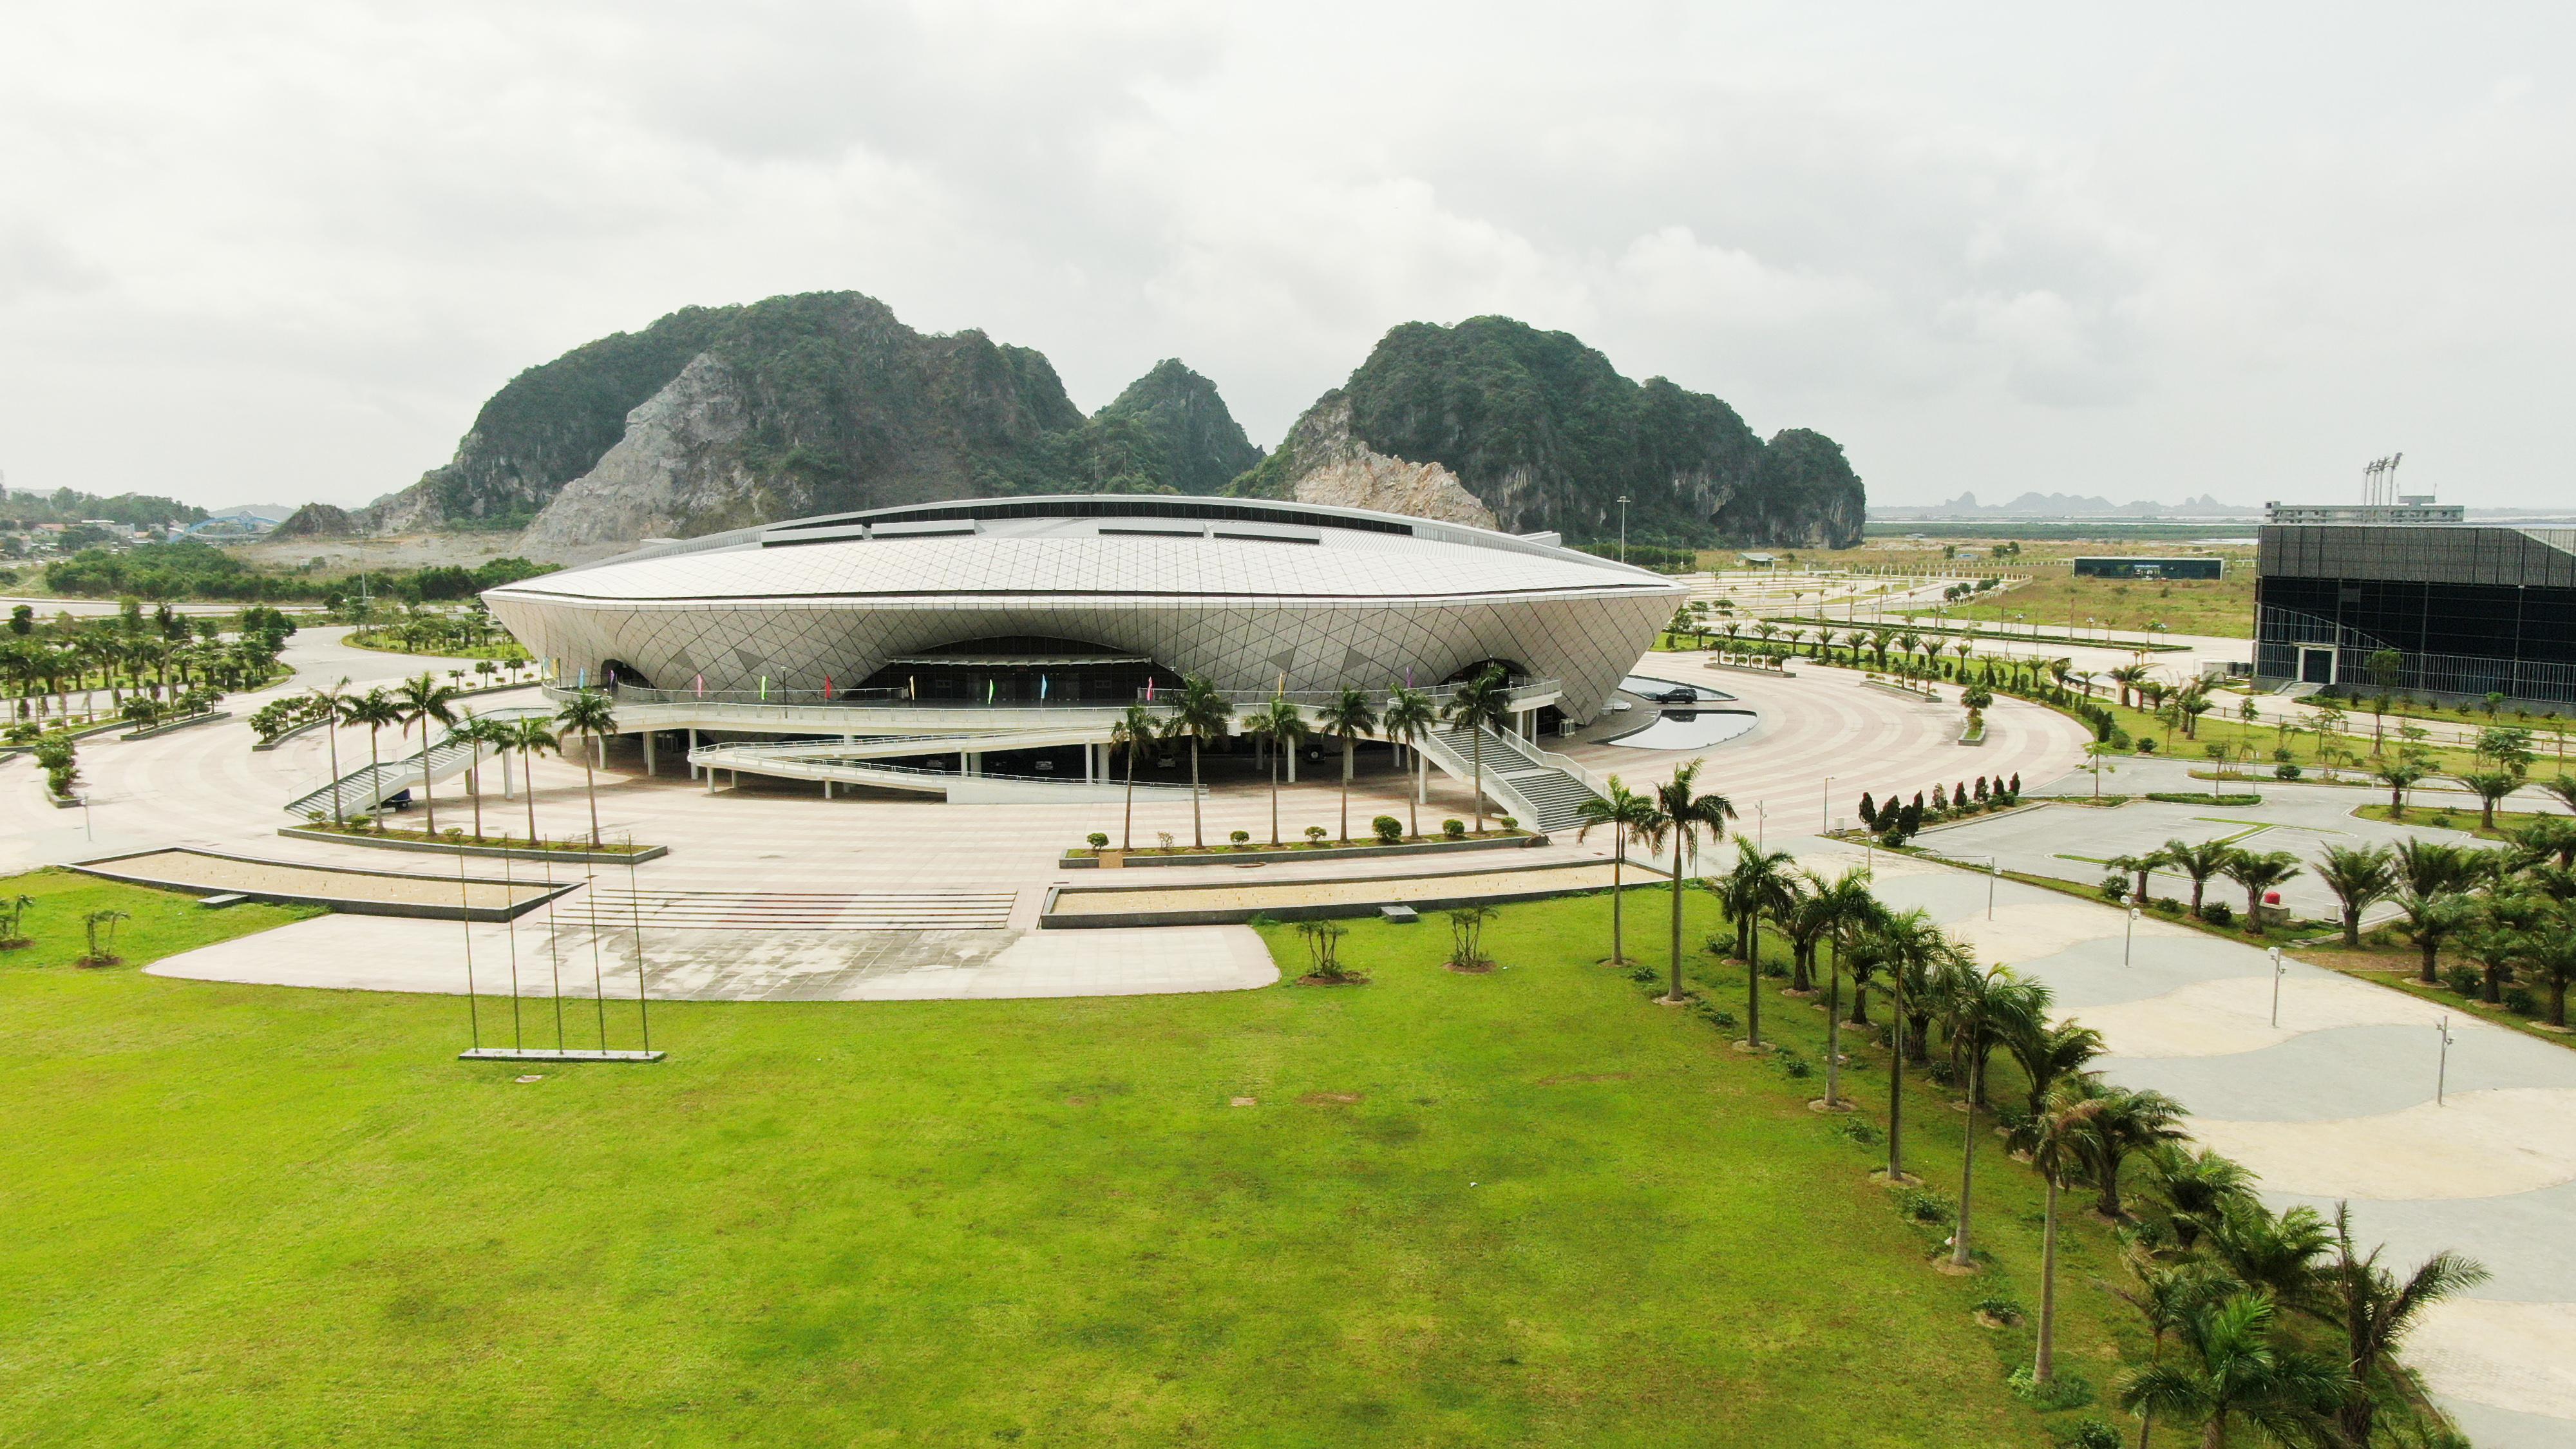 Nhà thi đấu nghìn tỷ và khát vọng của thể thao Quảng Ninh ảnh 1